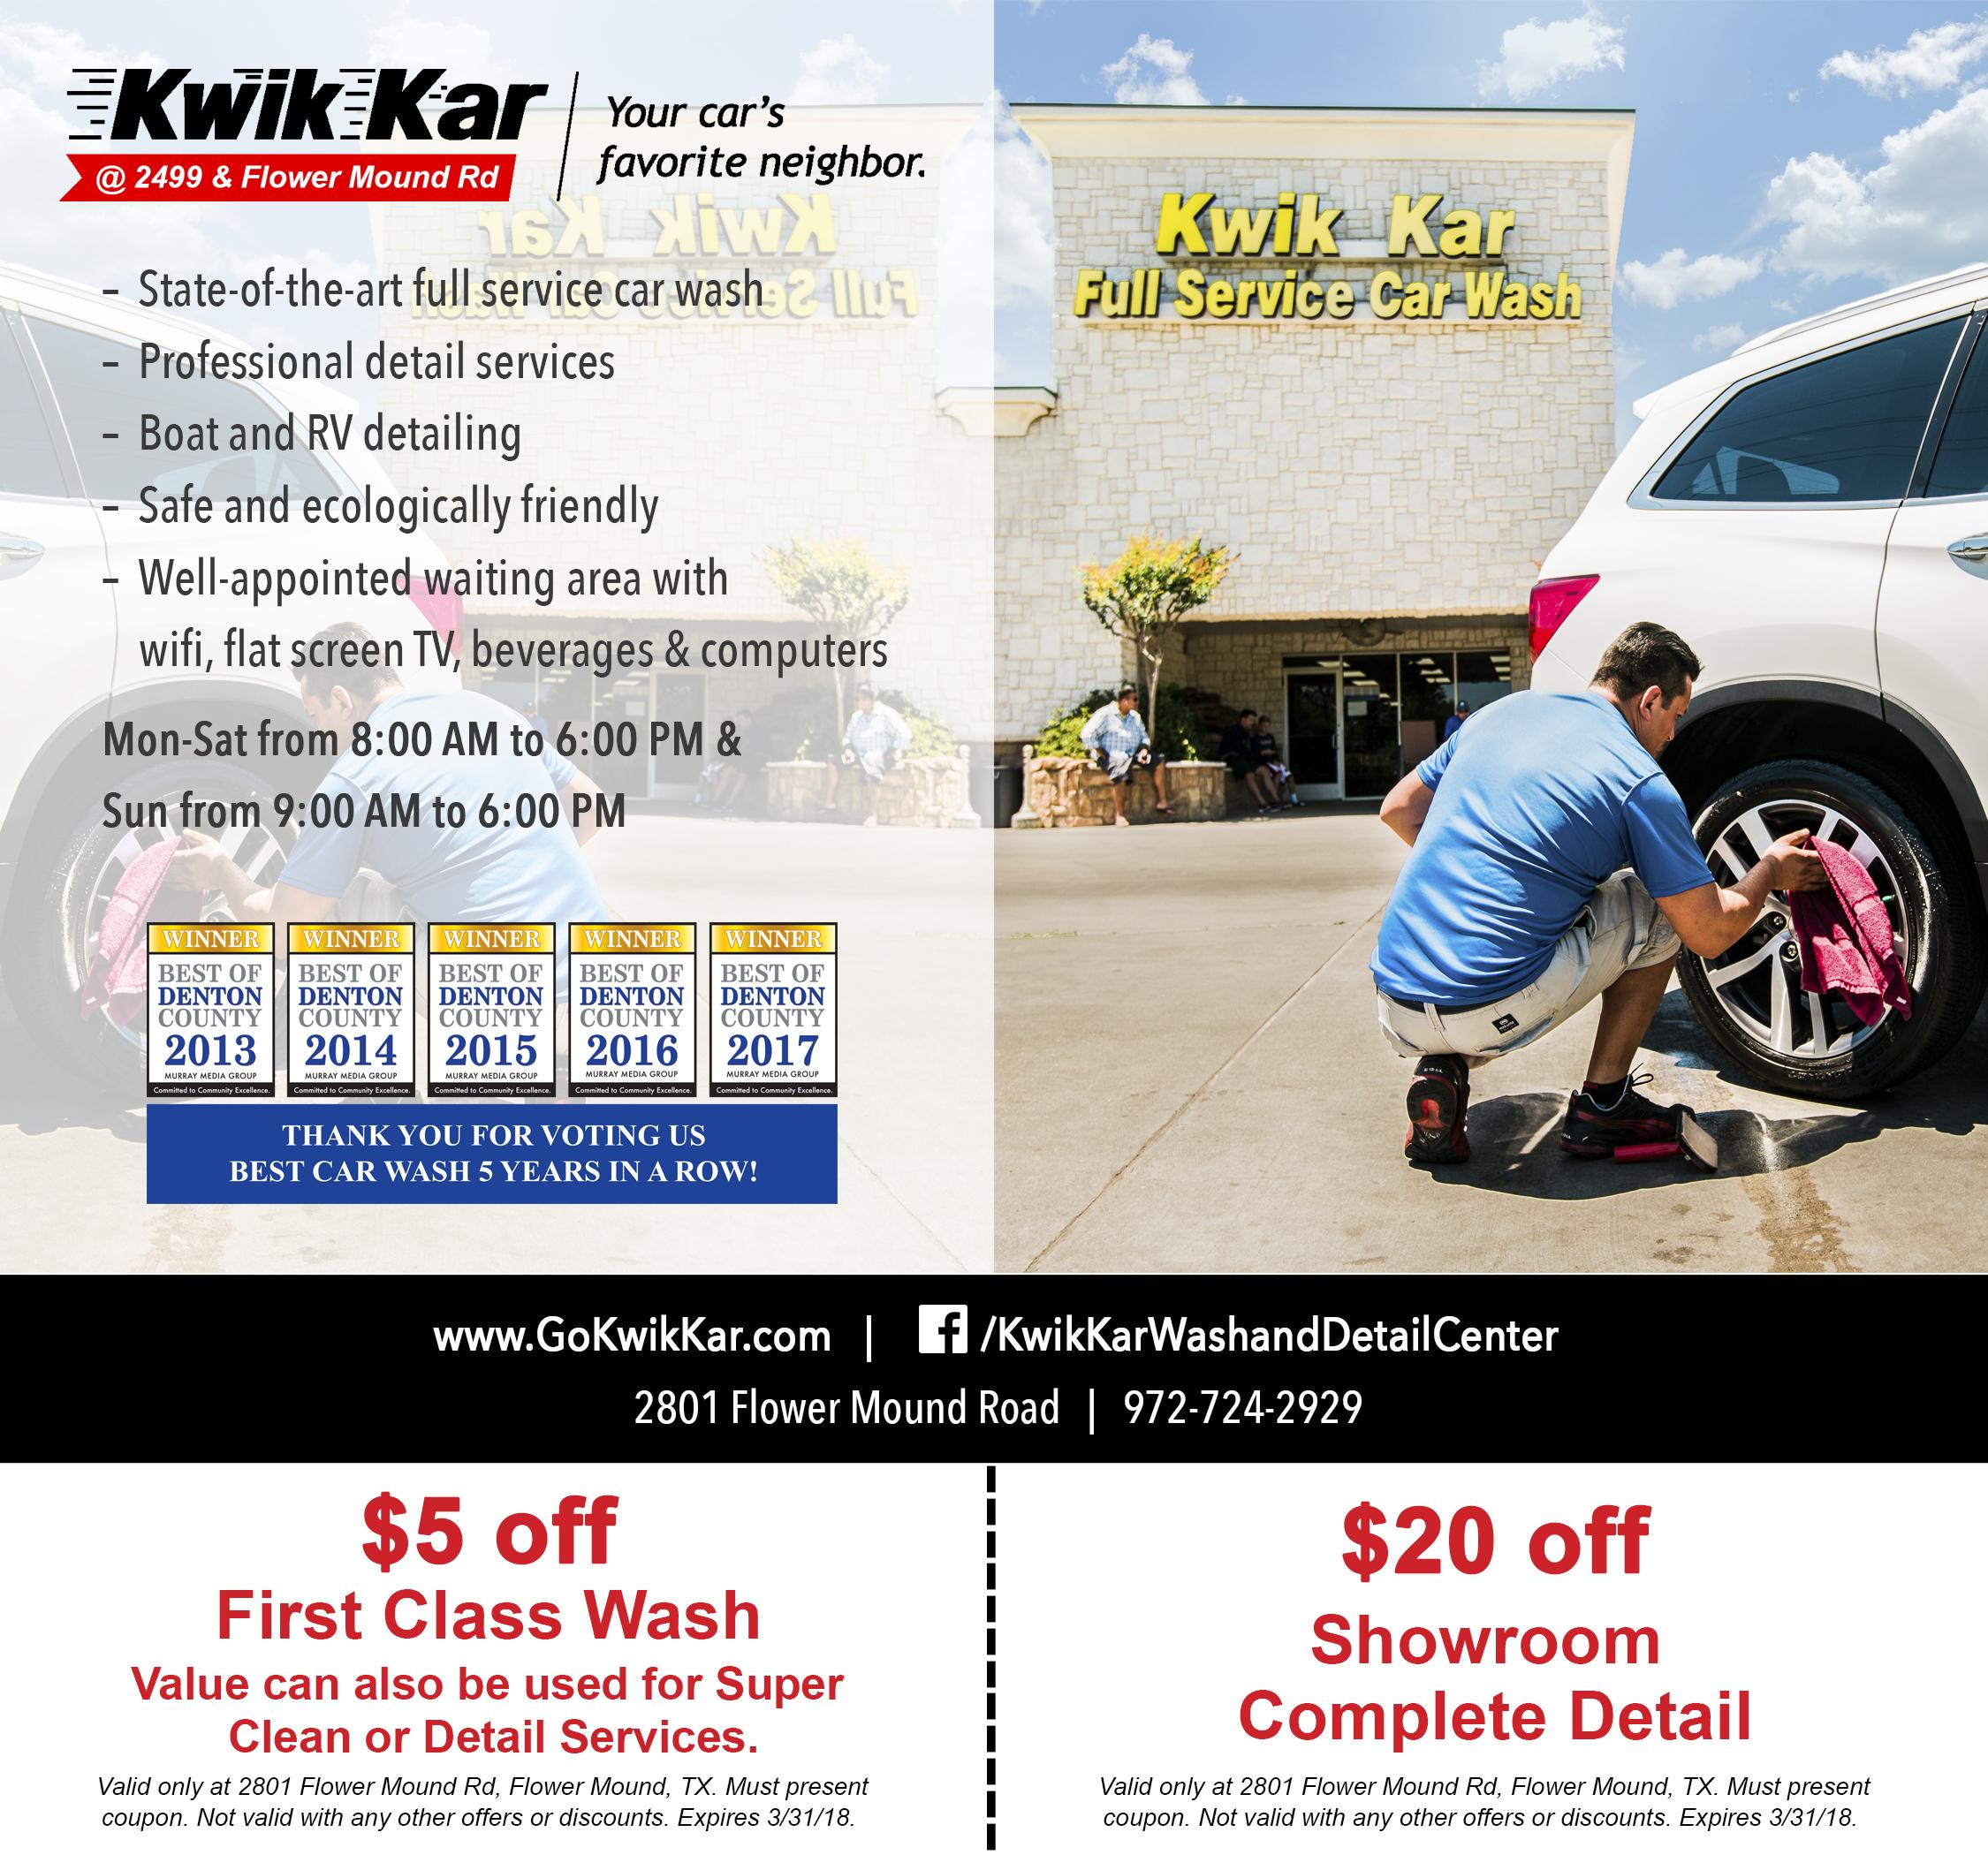 Kwik Kar Wash & Detail Center